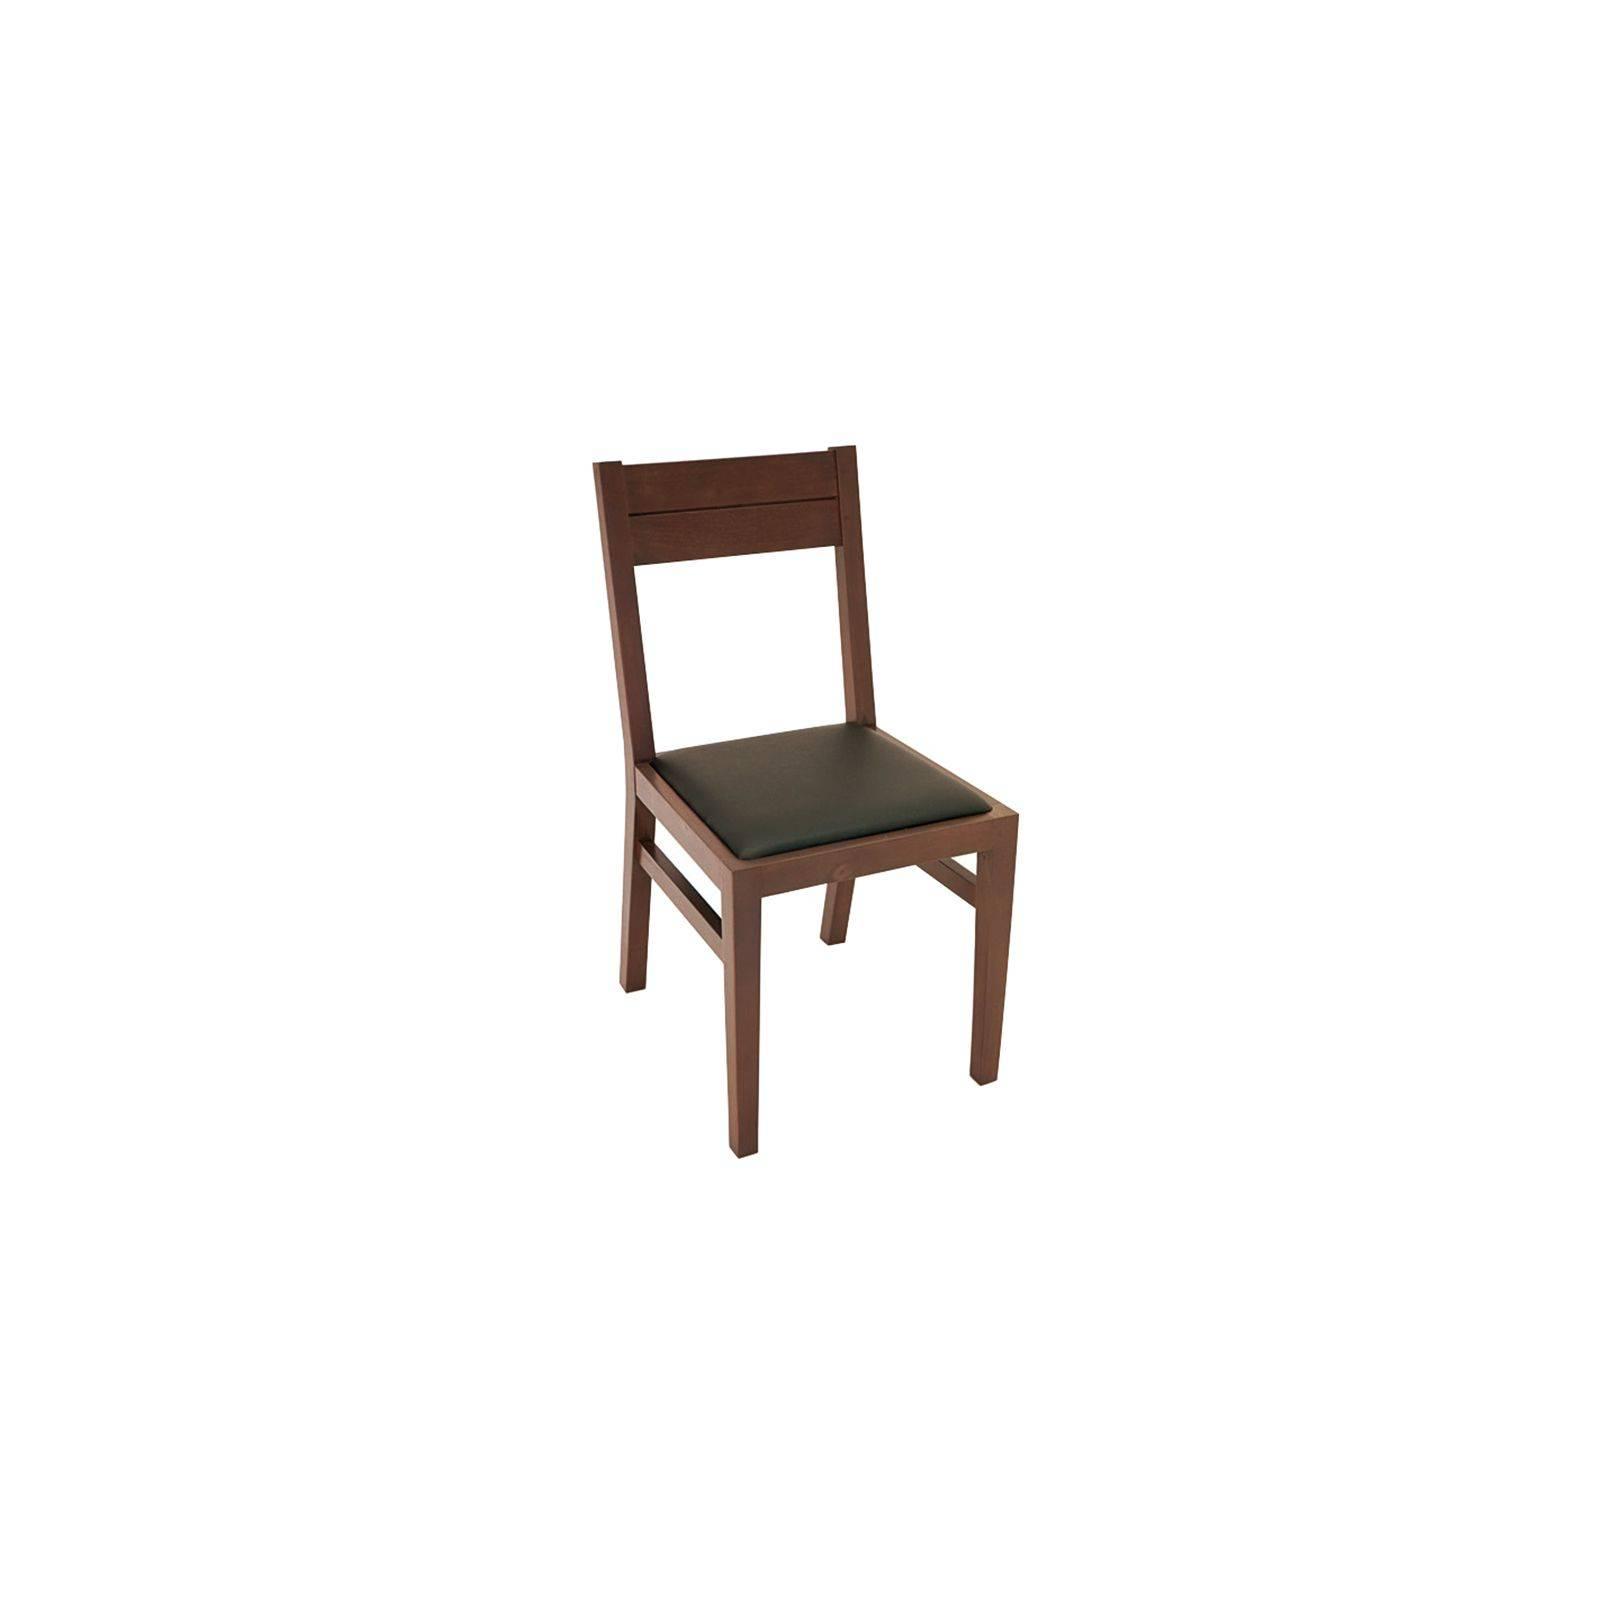 Chaise design Moka. Ameublement de la salle à manger